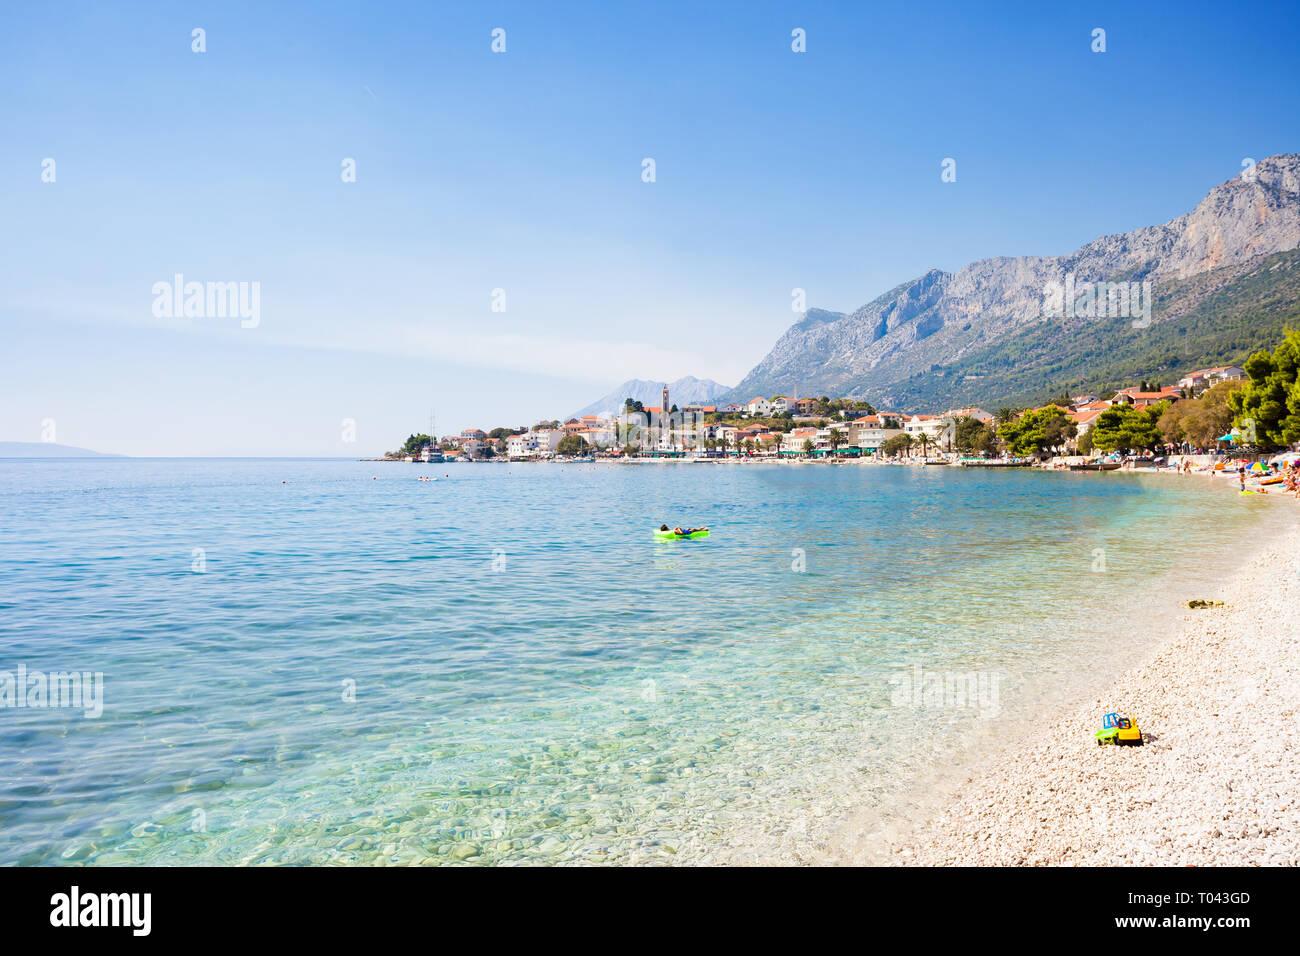 Korcula, Dalmatien, Kroatien, Europa - Überblick über die schöne Bucht von Gradac. Stockfoto